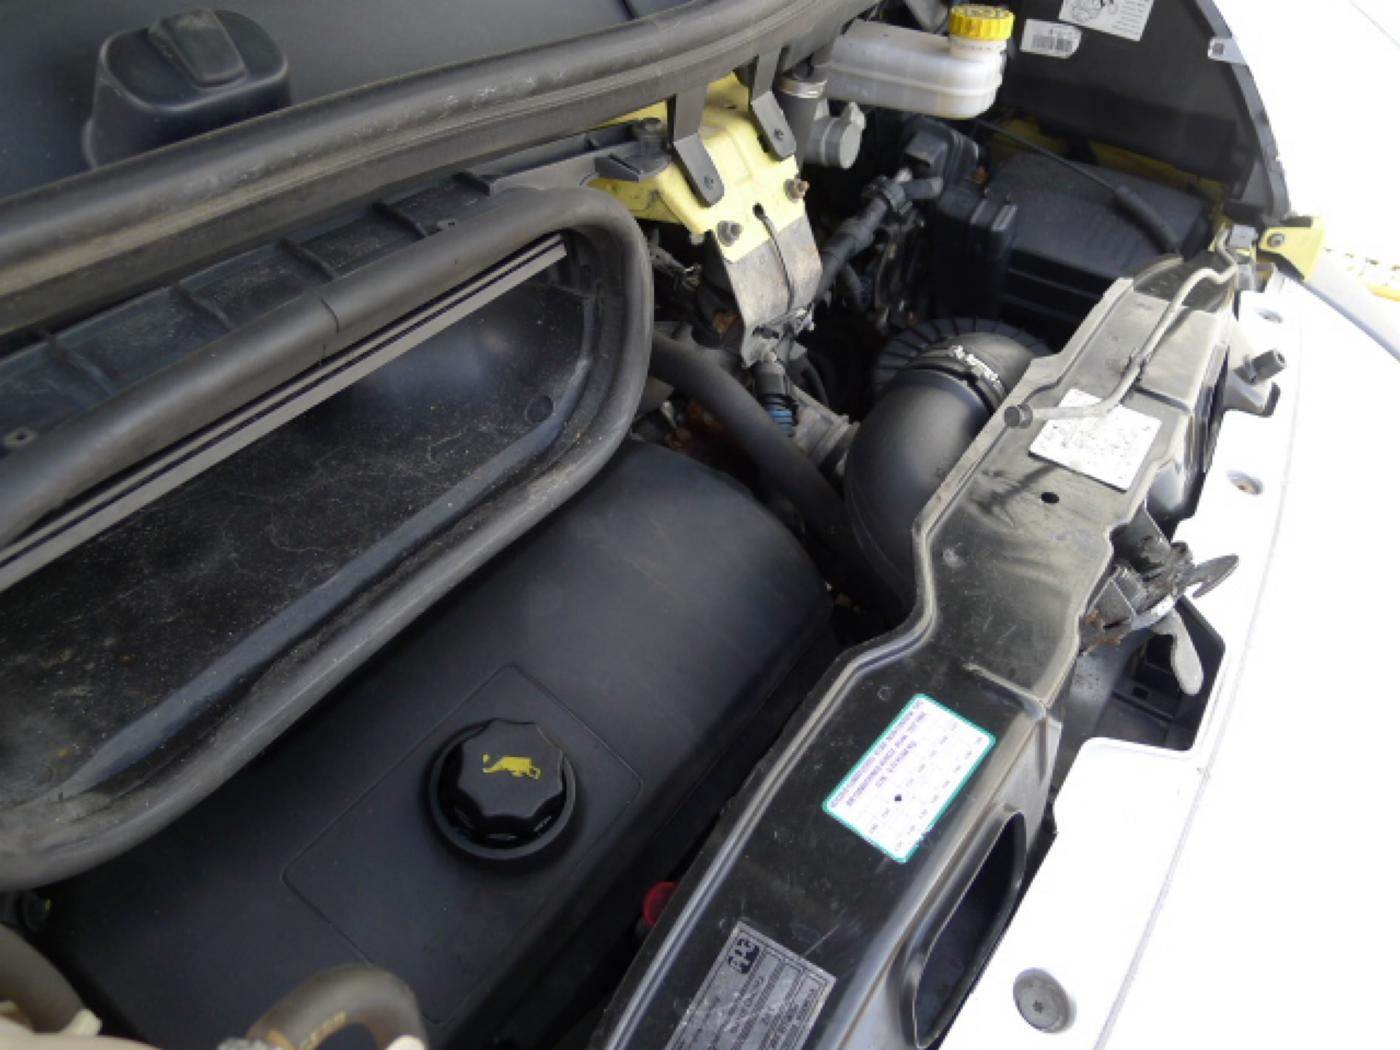 Fiat Ducato 2,3 JTD L2H2 6míst+Klima+Kamera Akc - 20